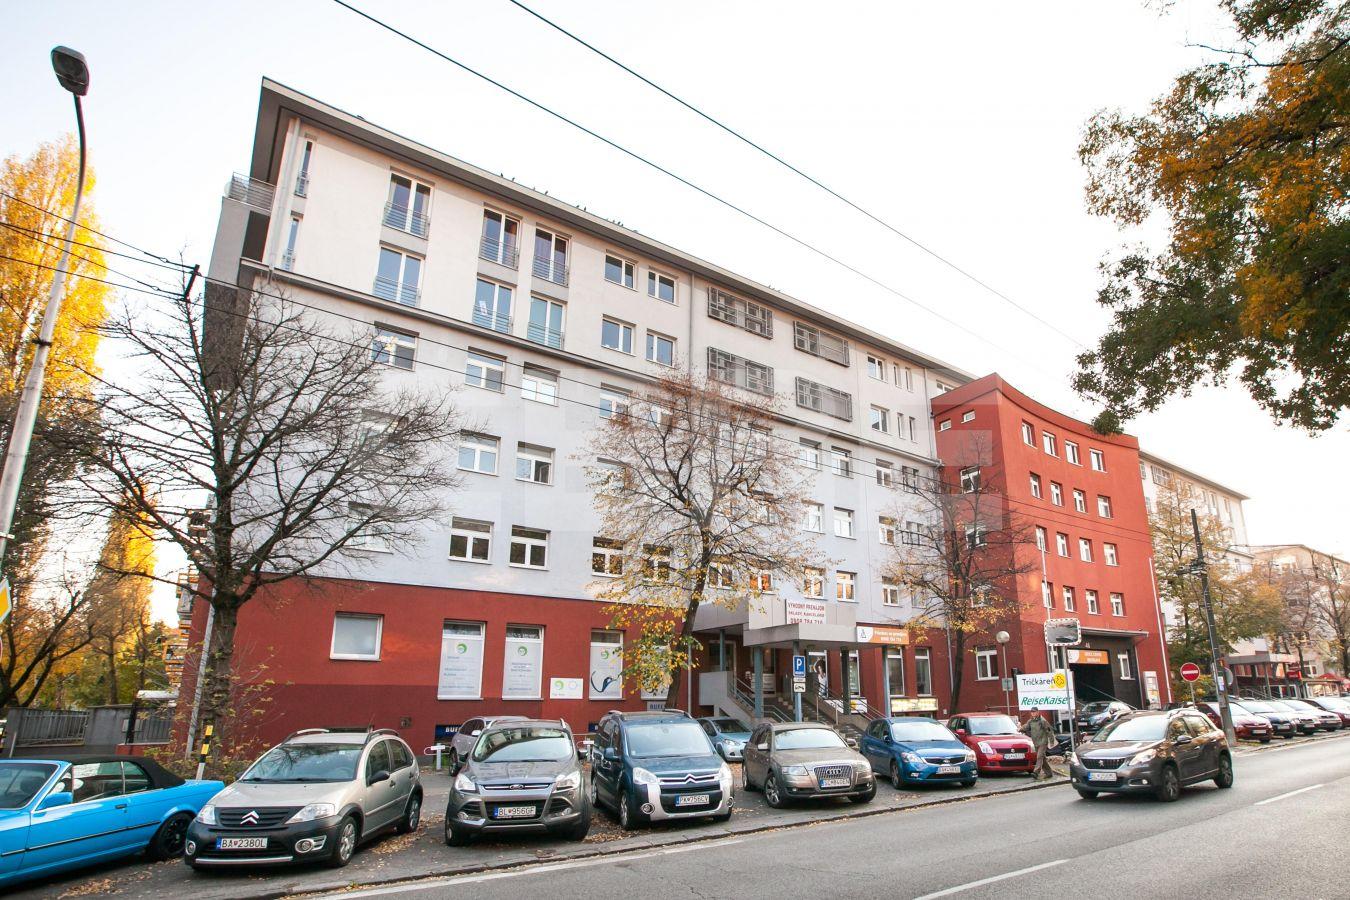 Zahradnícka 46, Bratislava - Ružinov | Offices for rent by CBRE | 1